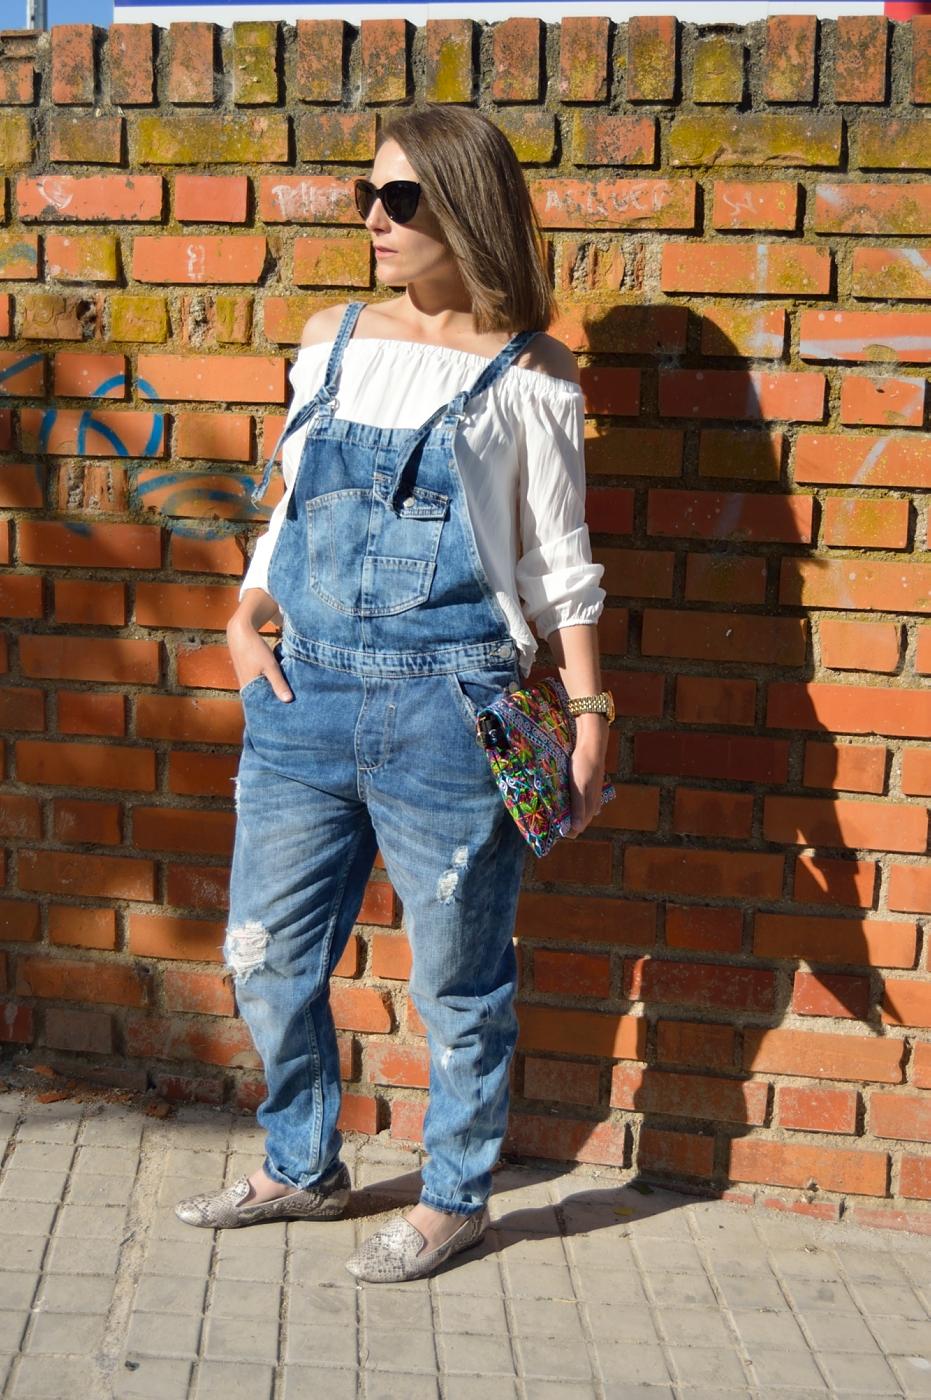 lara-vazquez-mad-lula-style-streetstyle-denim-jumpsuit-moda-glamour-vogue